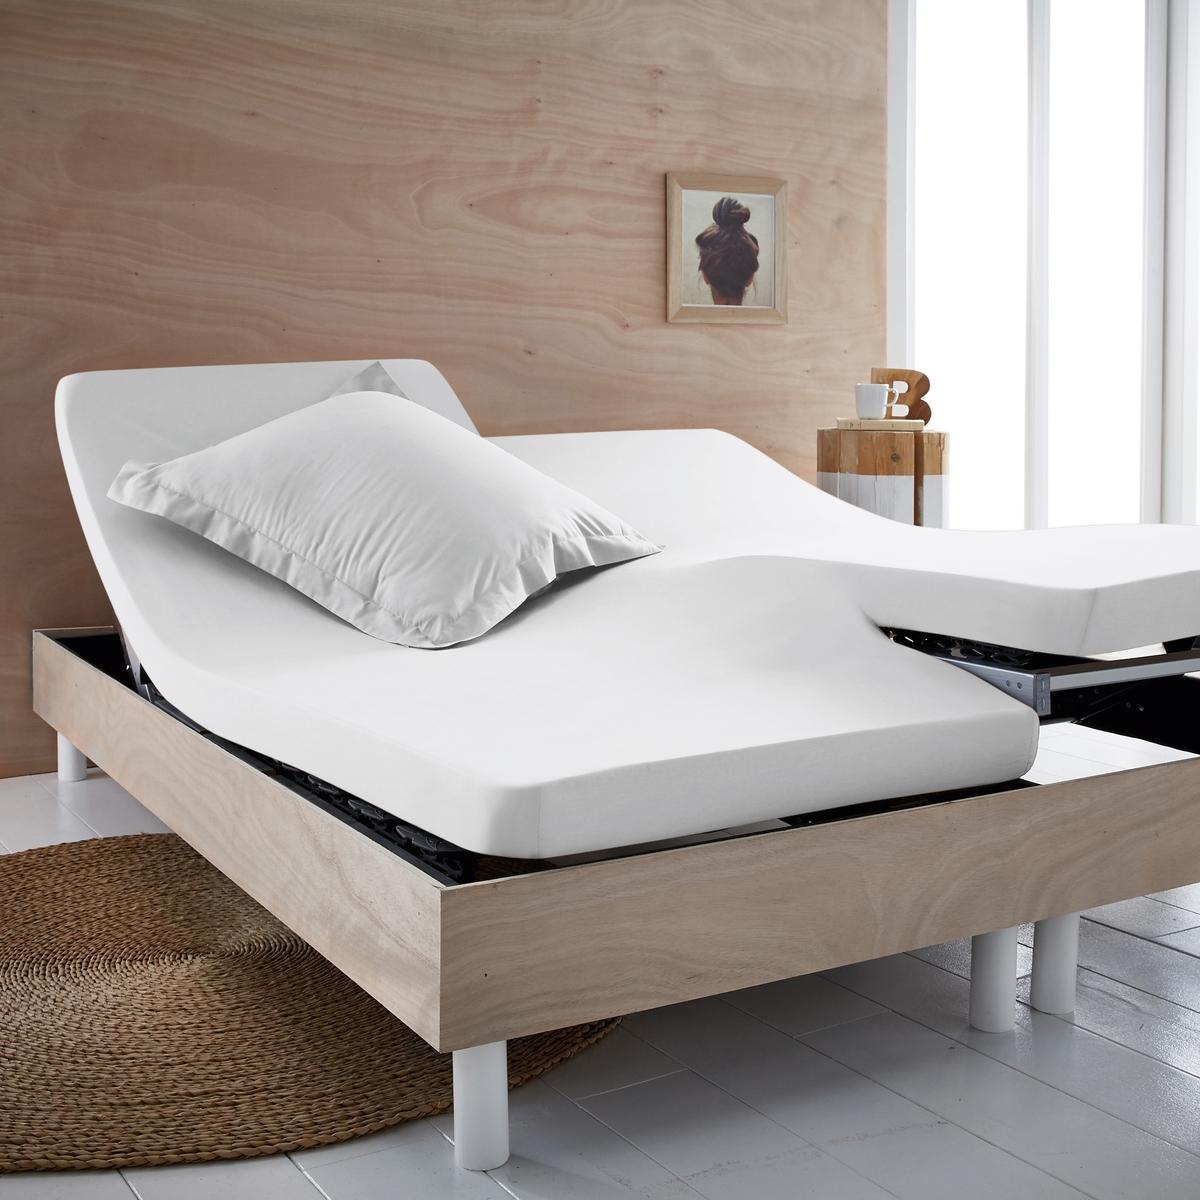 Простыня натяжная из джерси из 100% хлопка для раздвижной кровати